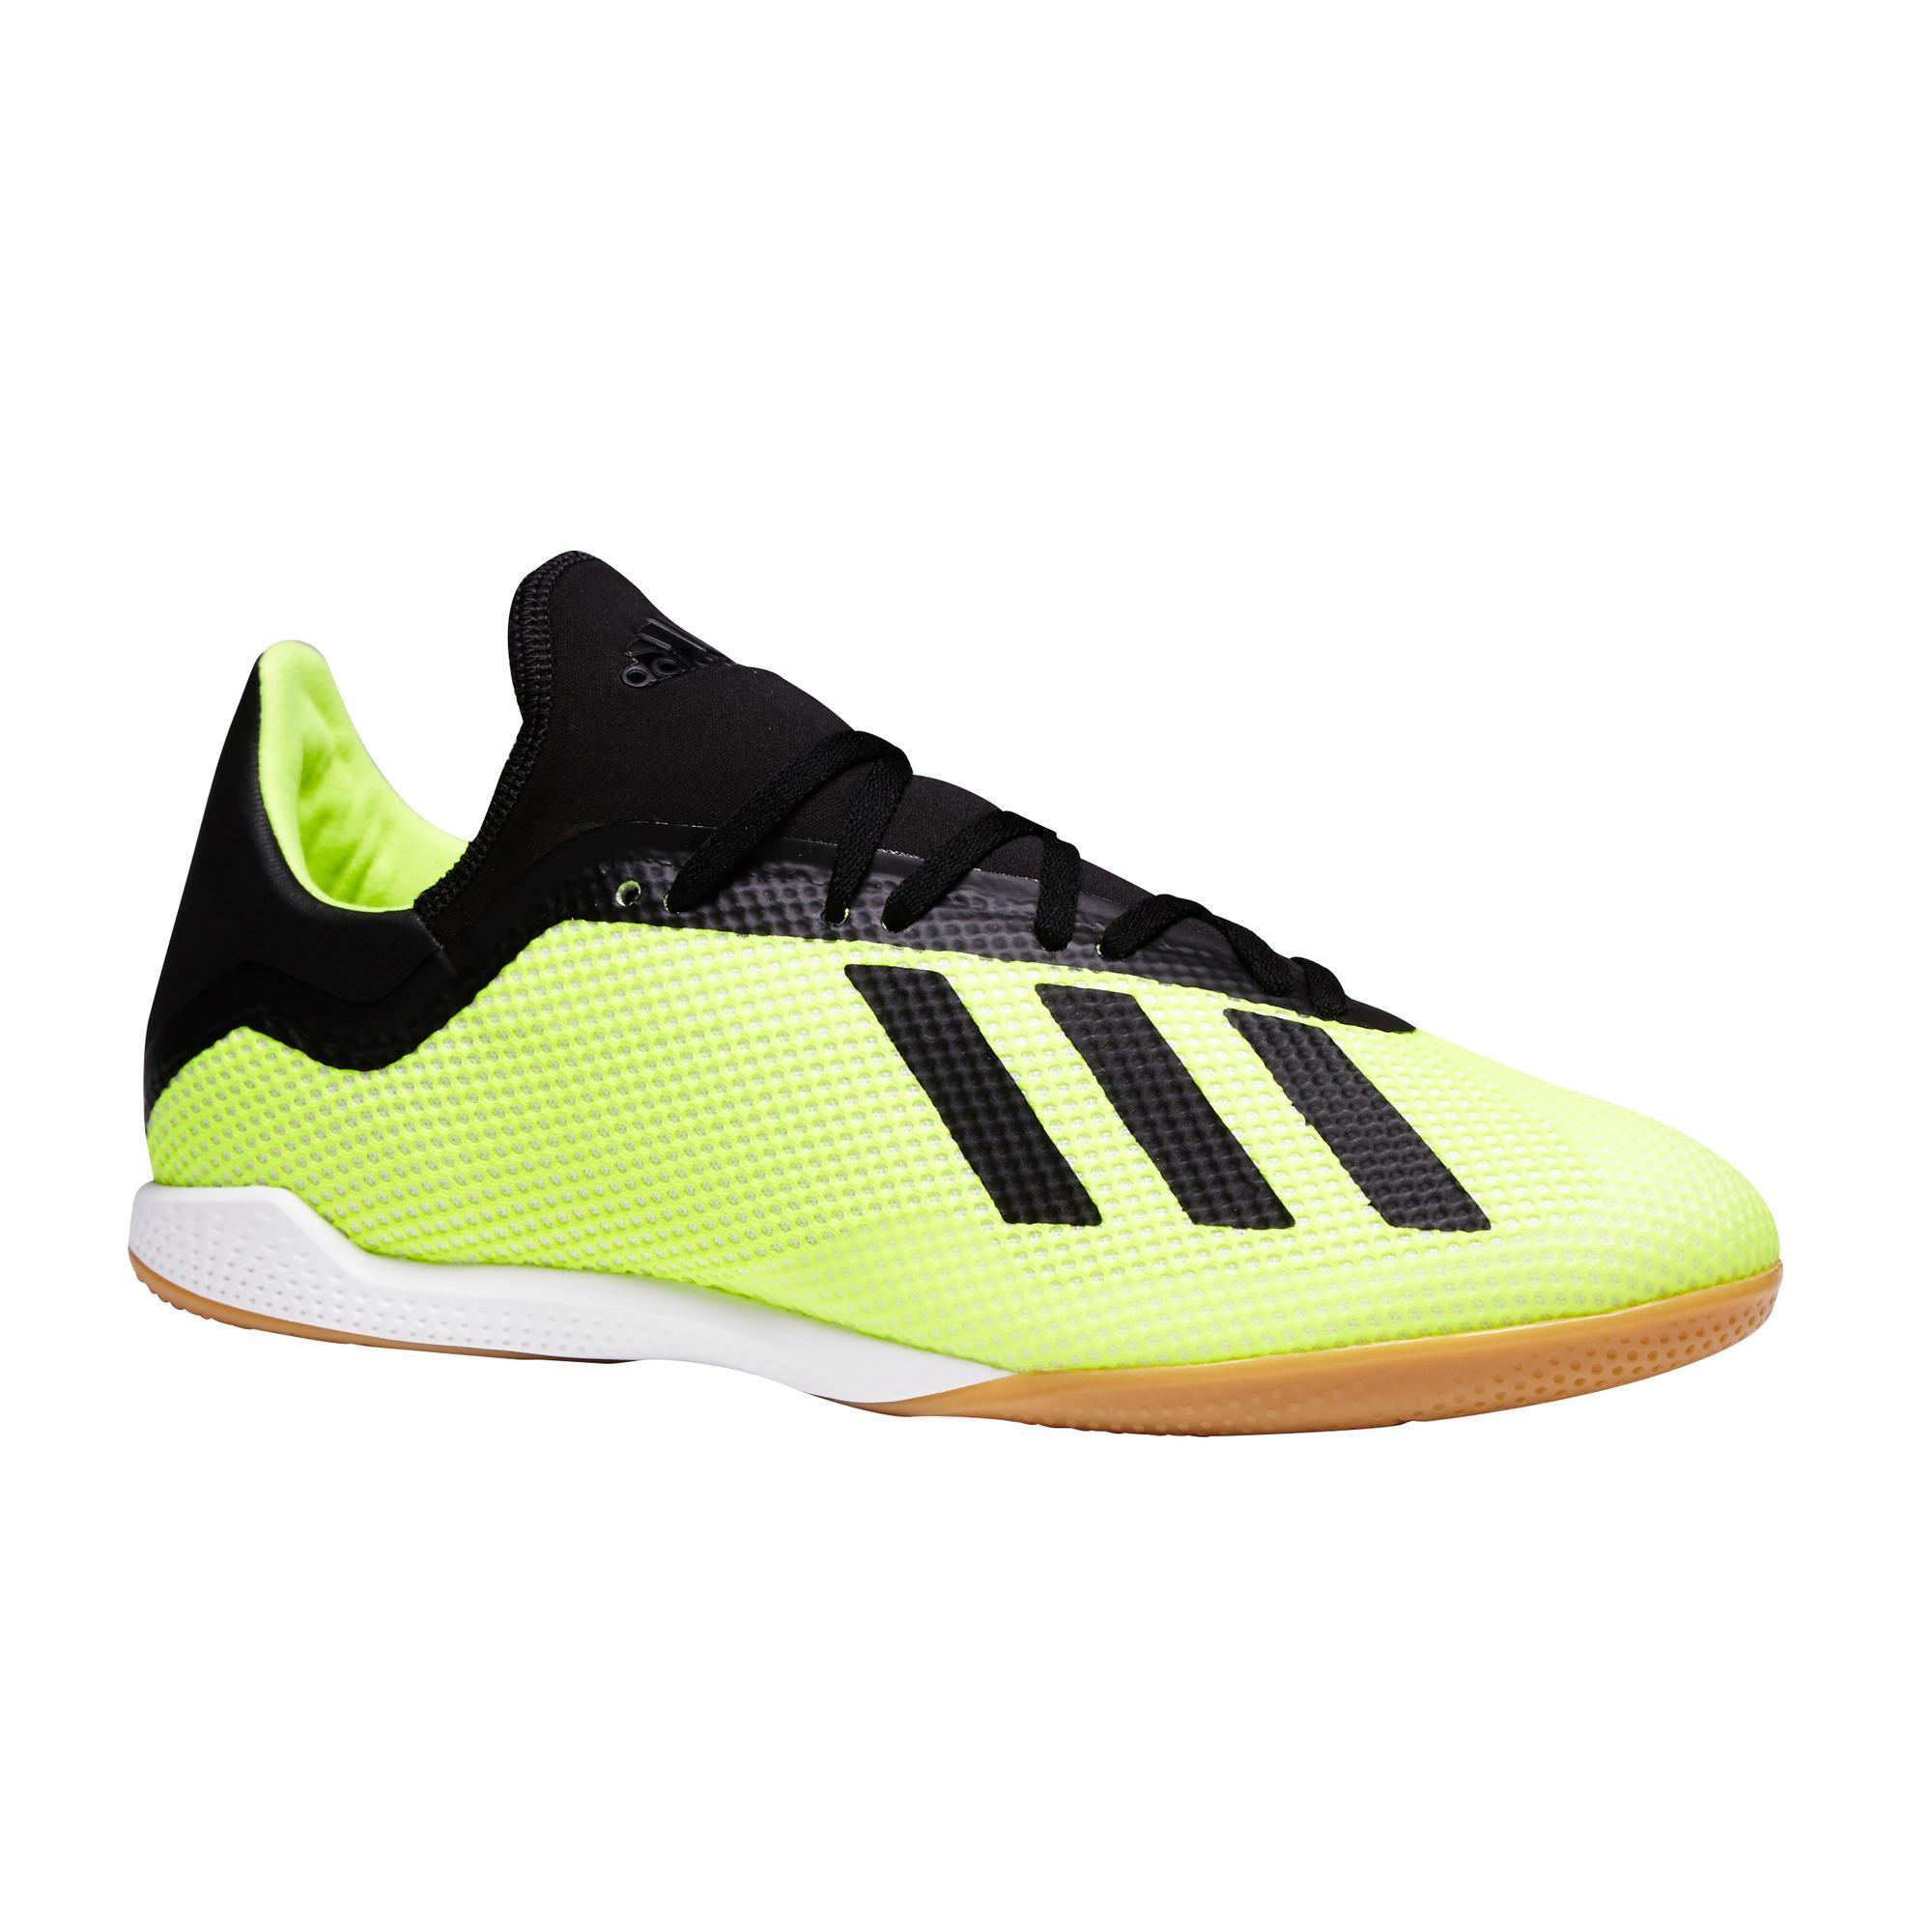 667fd5248ef84 Comprar Zapatillas y Botas de Fútbol Sala Adultos